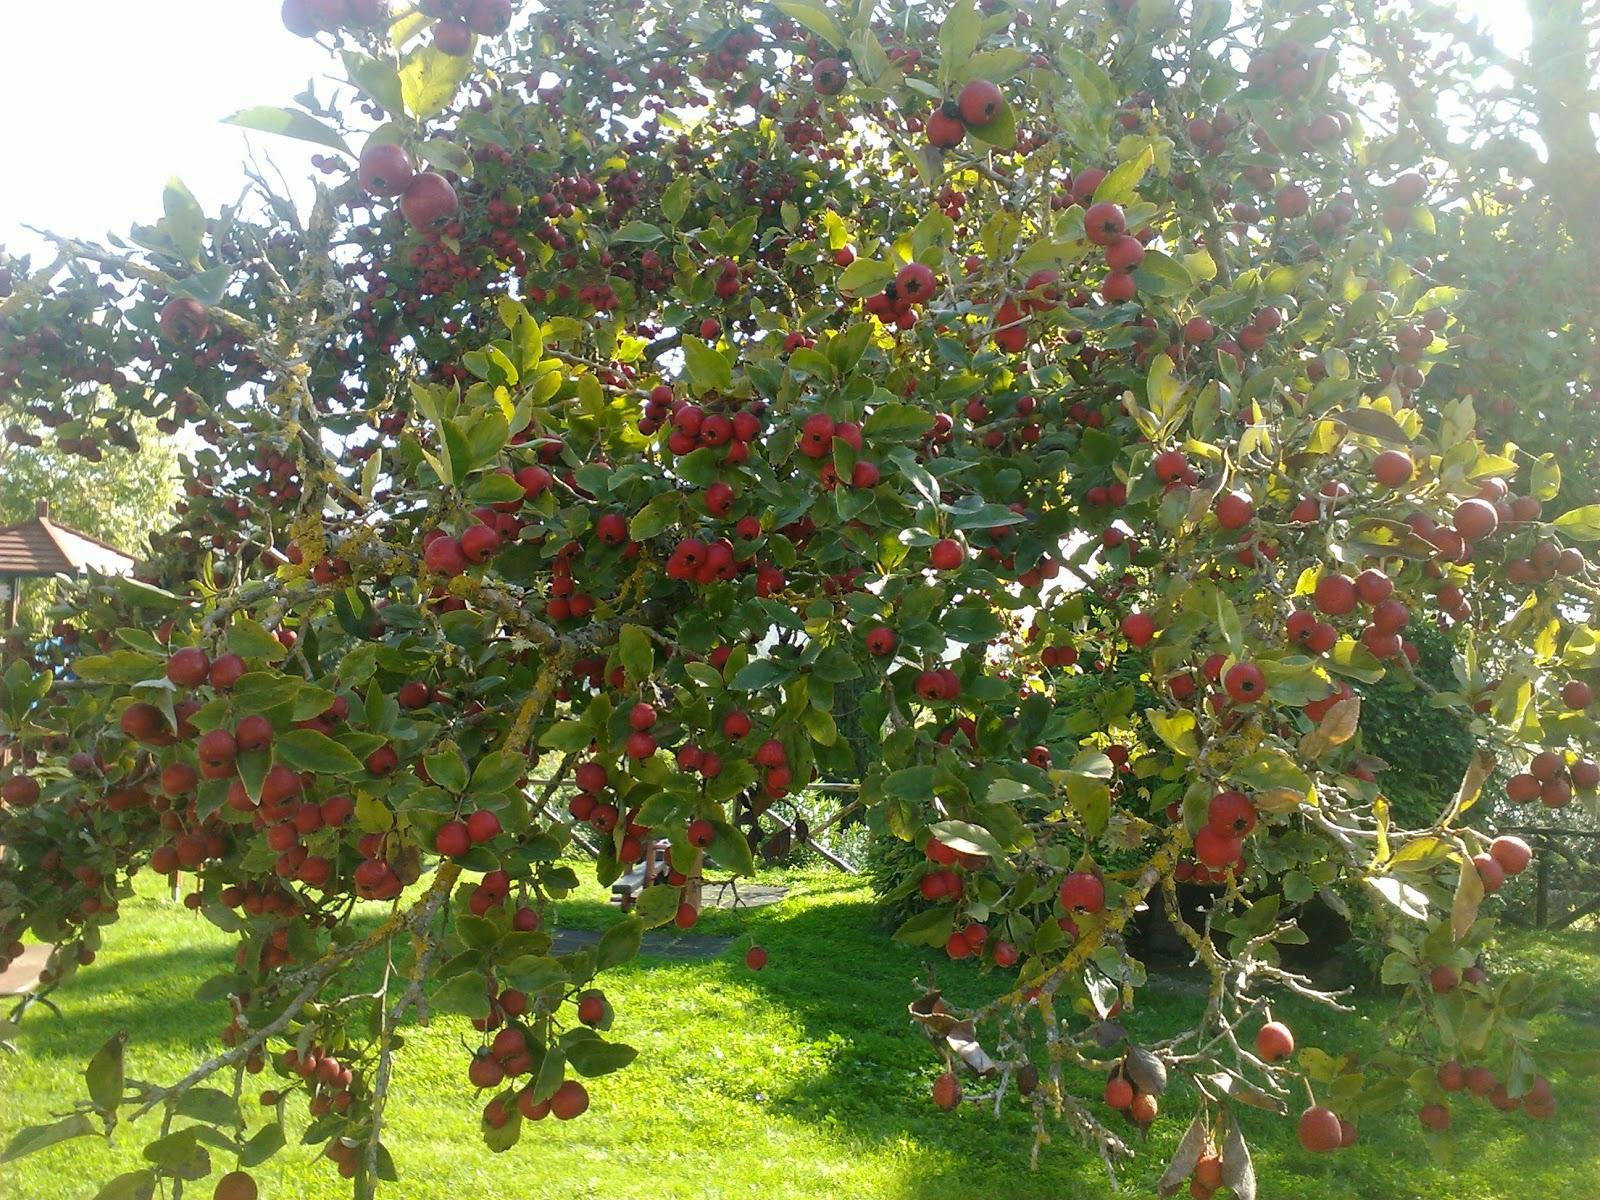 Passione frutta mele ornamentali ma commestibili - Immagini stampabili di mele ...